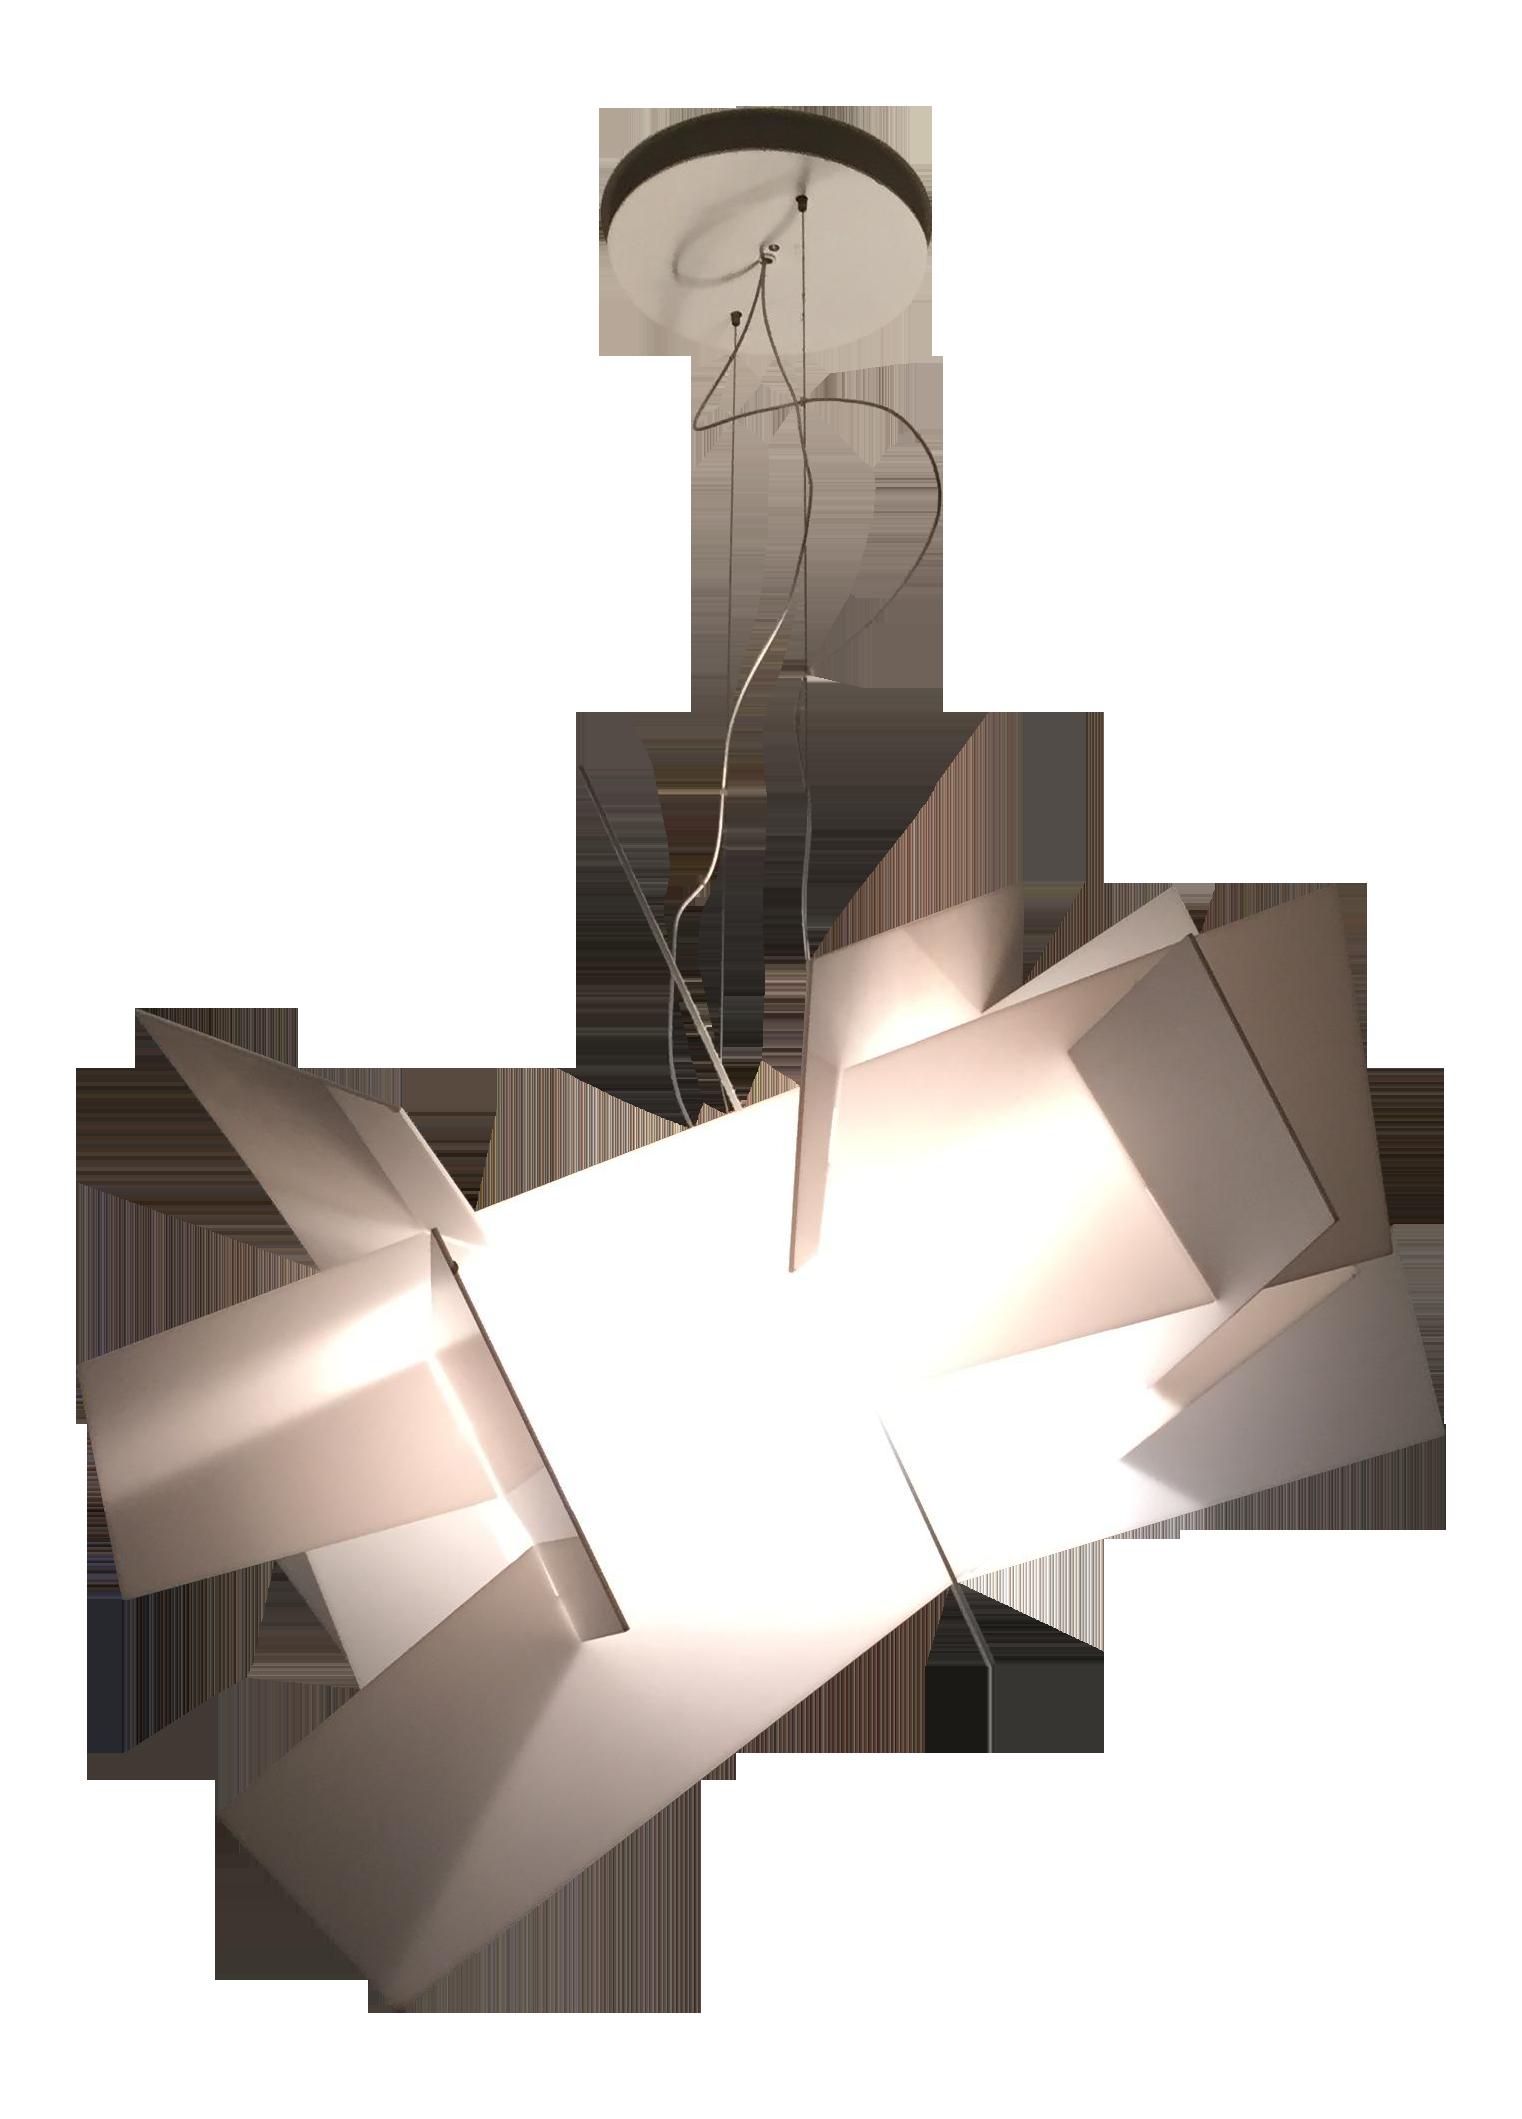 foscarini big bang chandelier  chairish - image of foscarini big bang chandelier